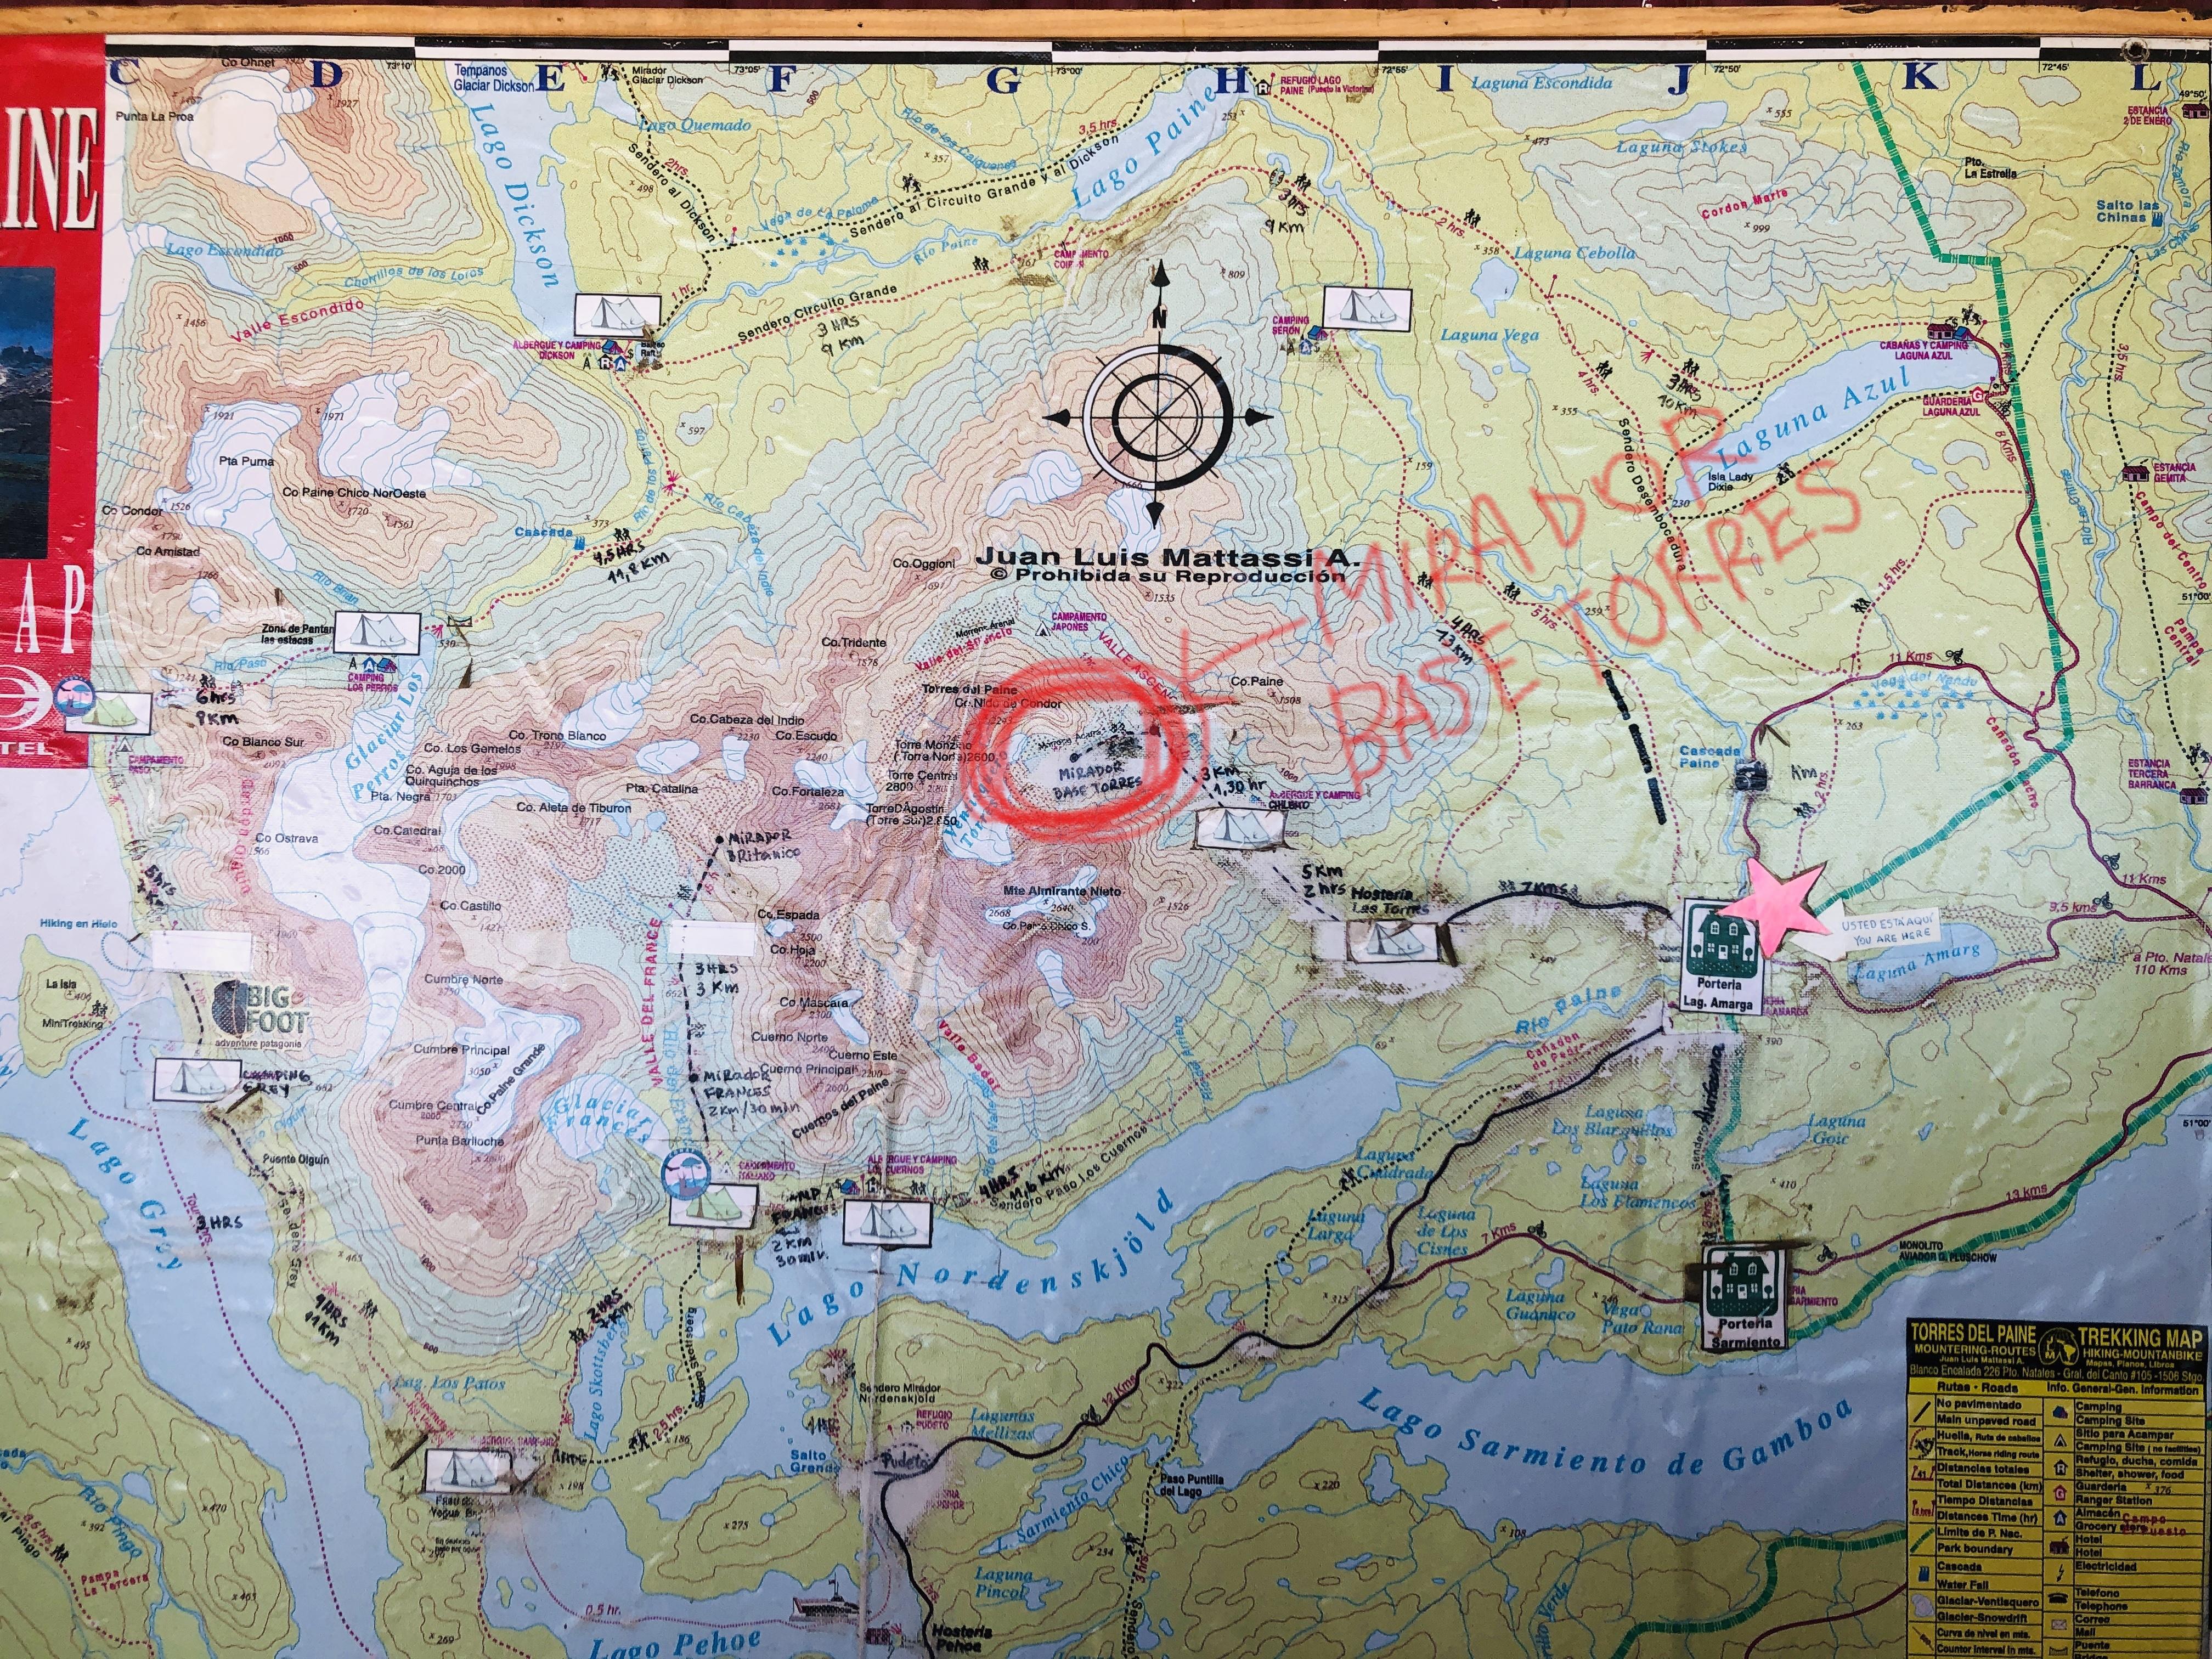 パイネ国立公園地図